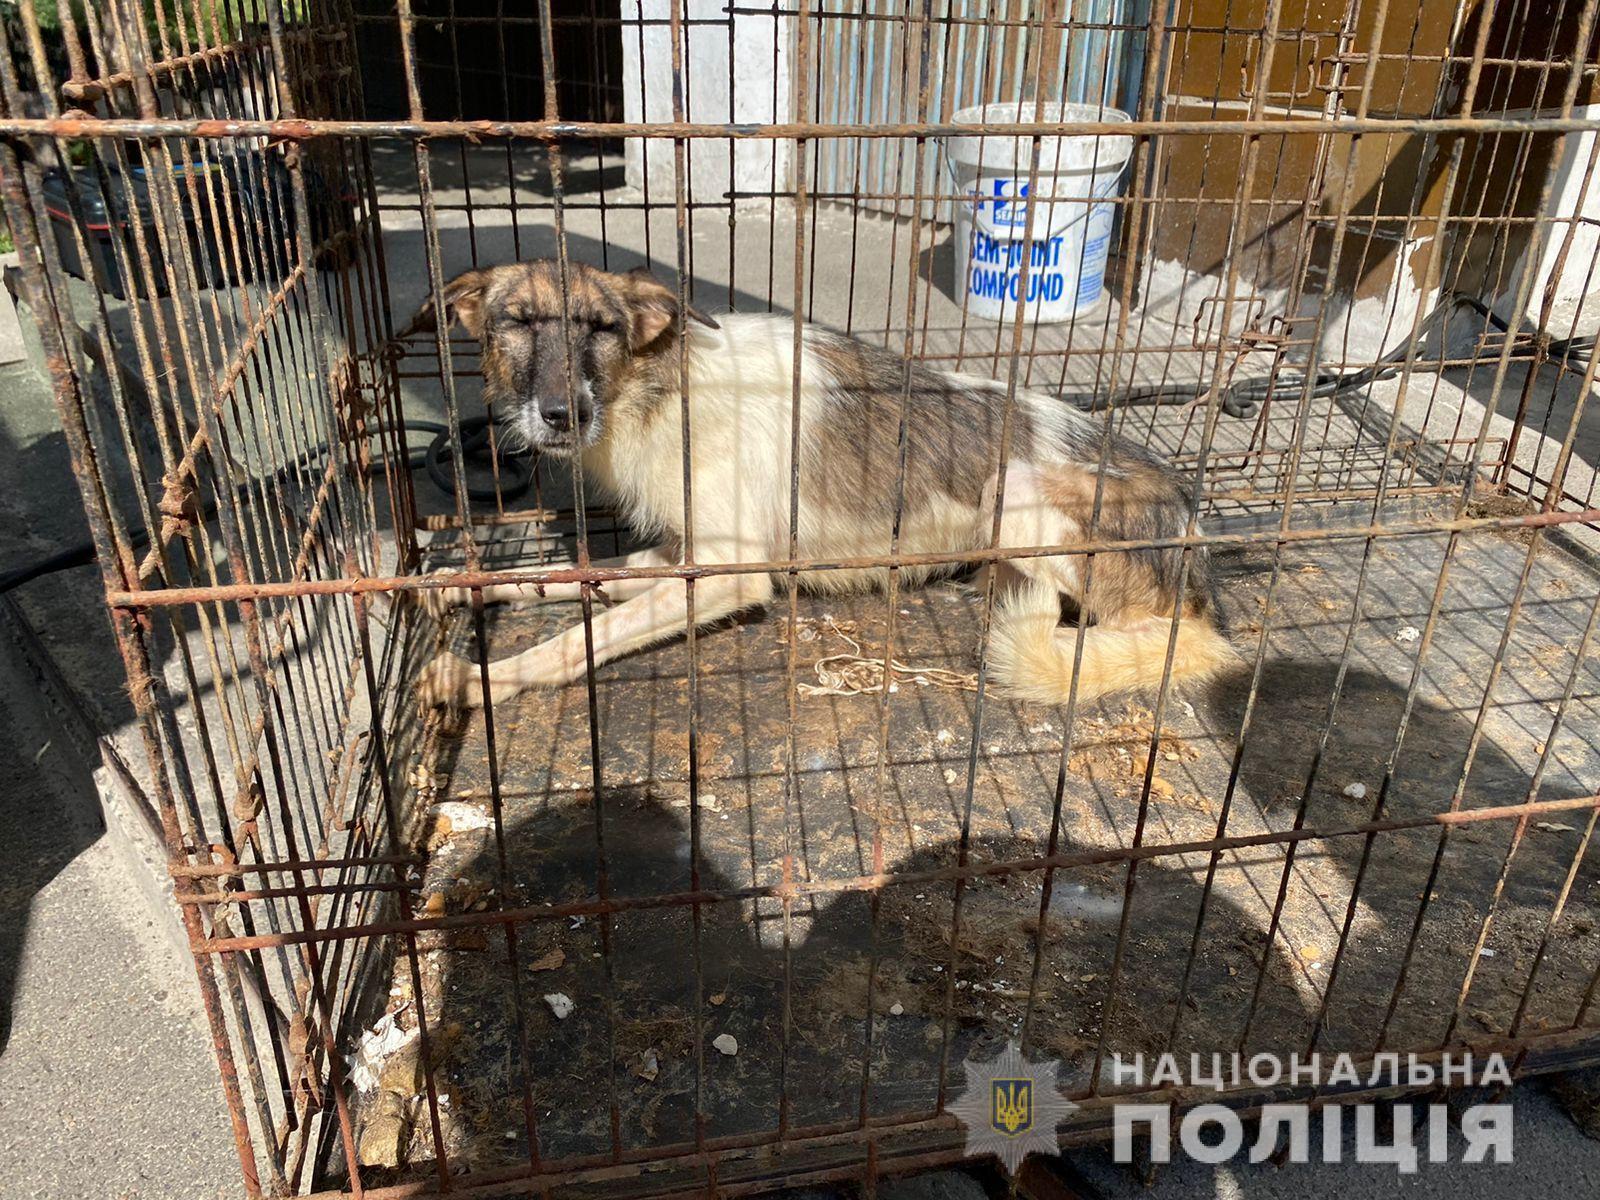 Тварини утримувалися в жахливих умовах.